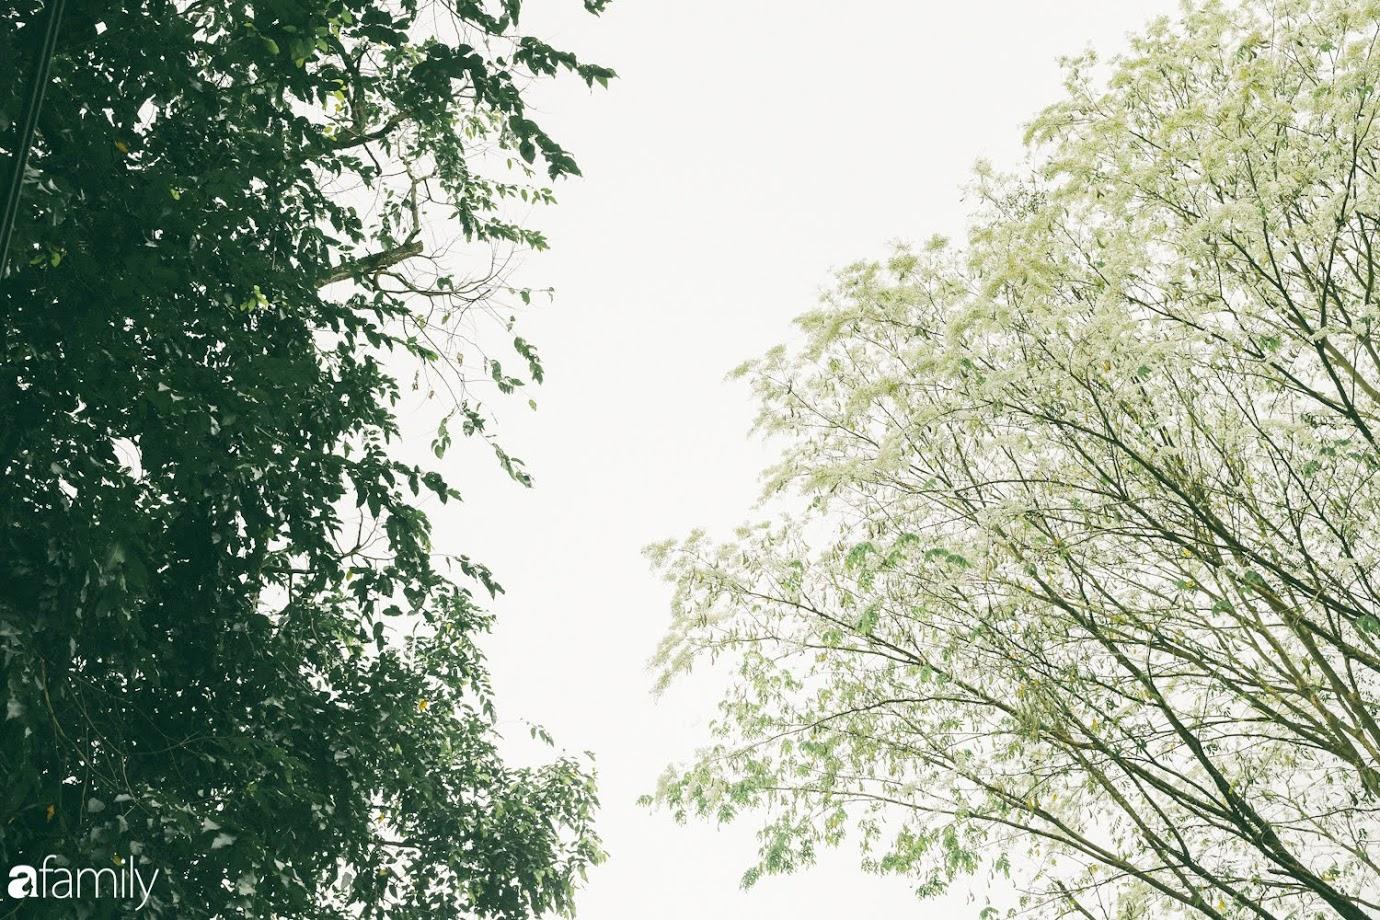 Mùa hoa sưa lại về trên phố, trắng rợp trời Hà Nội như bông mây ngọt ngào gọi mời tháng Ba - Ảnh 17.